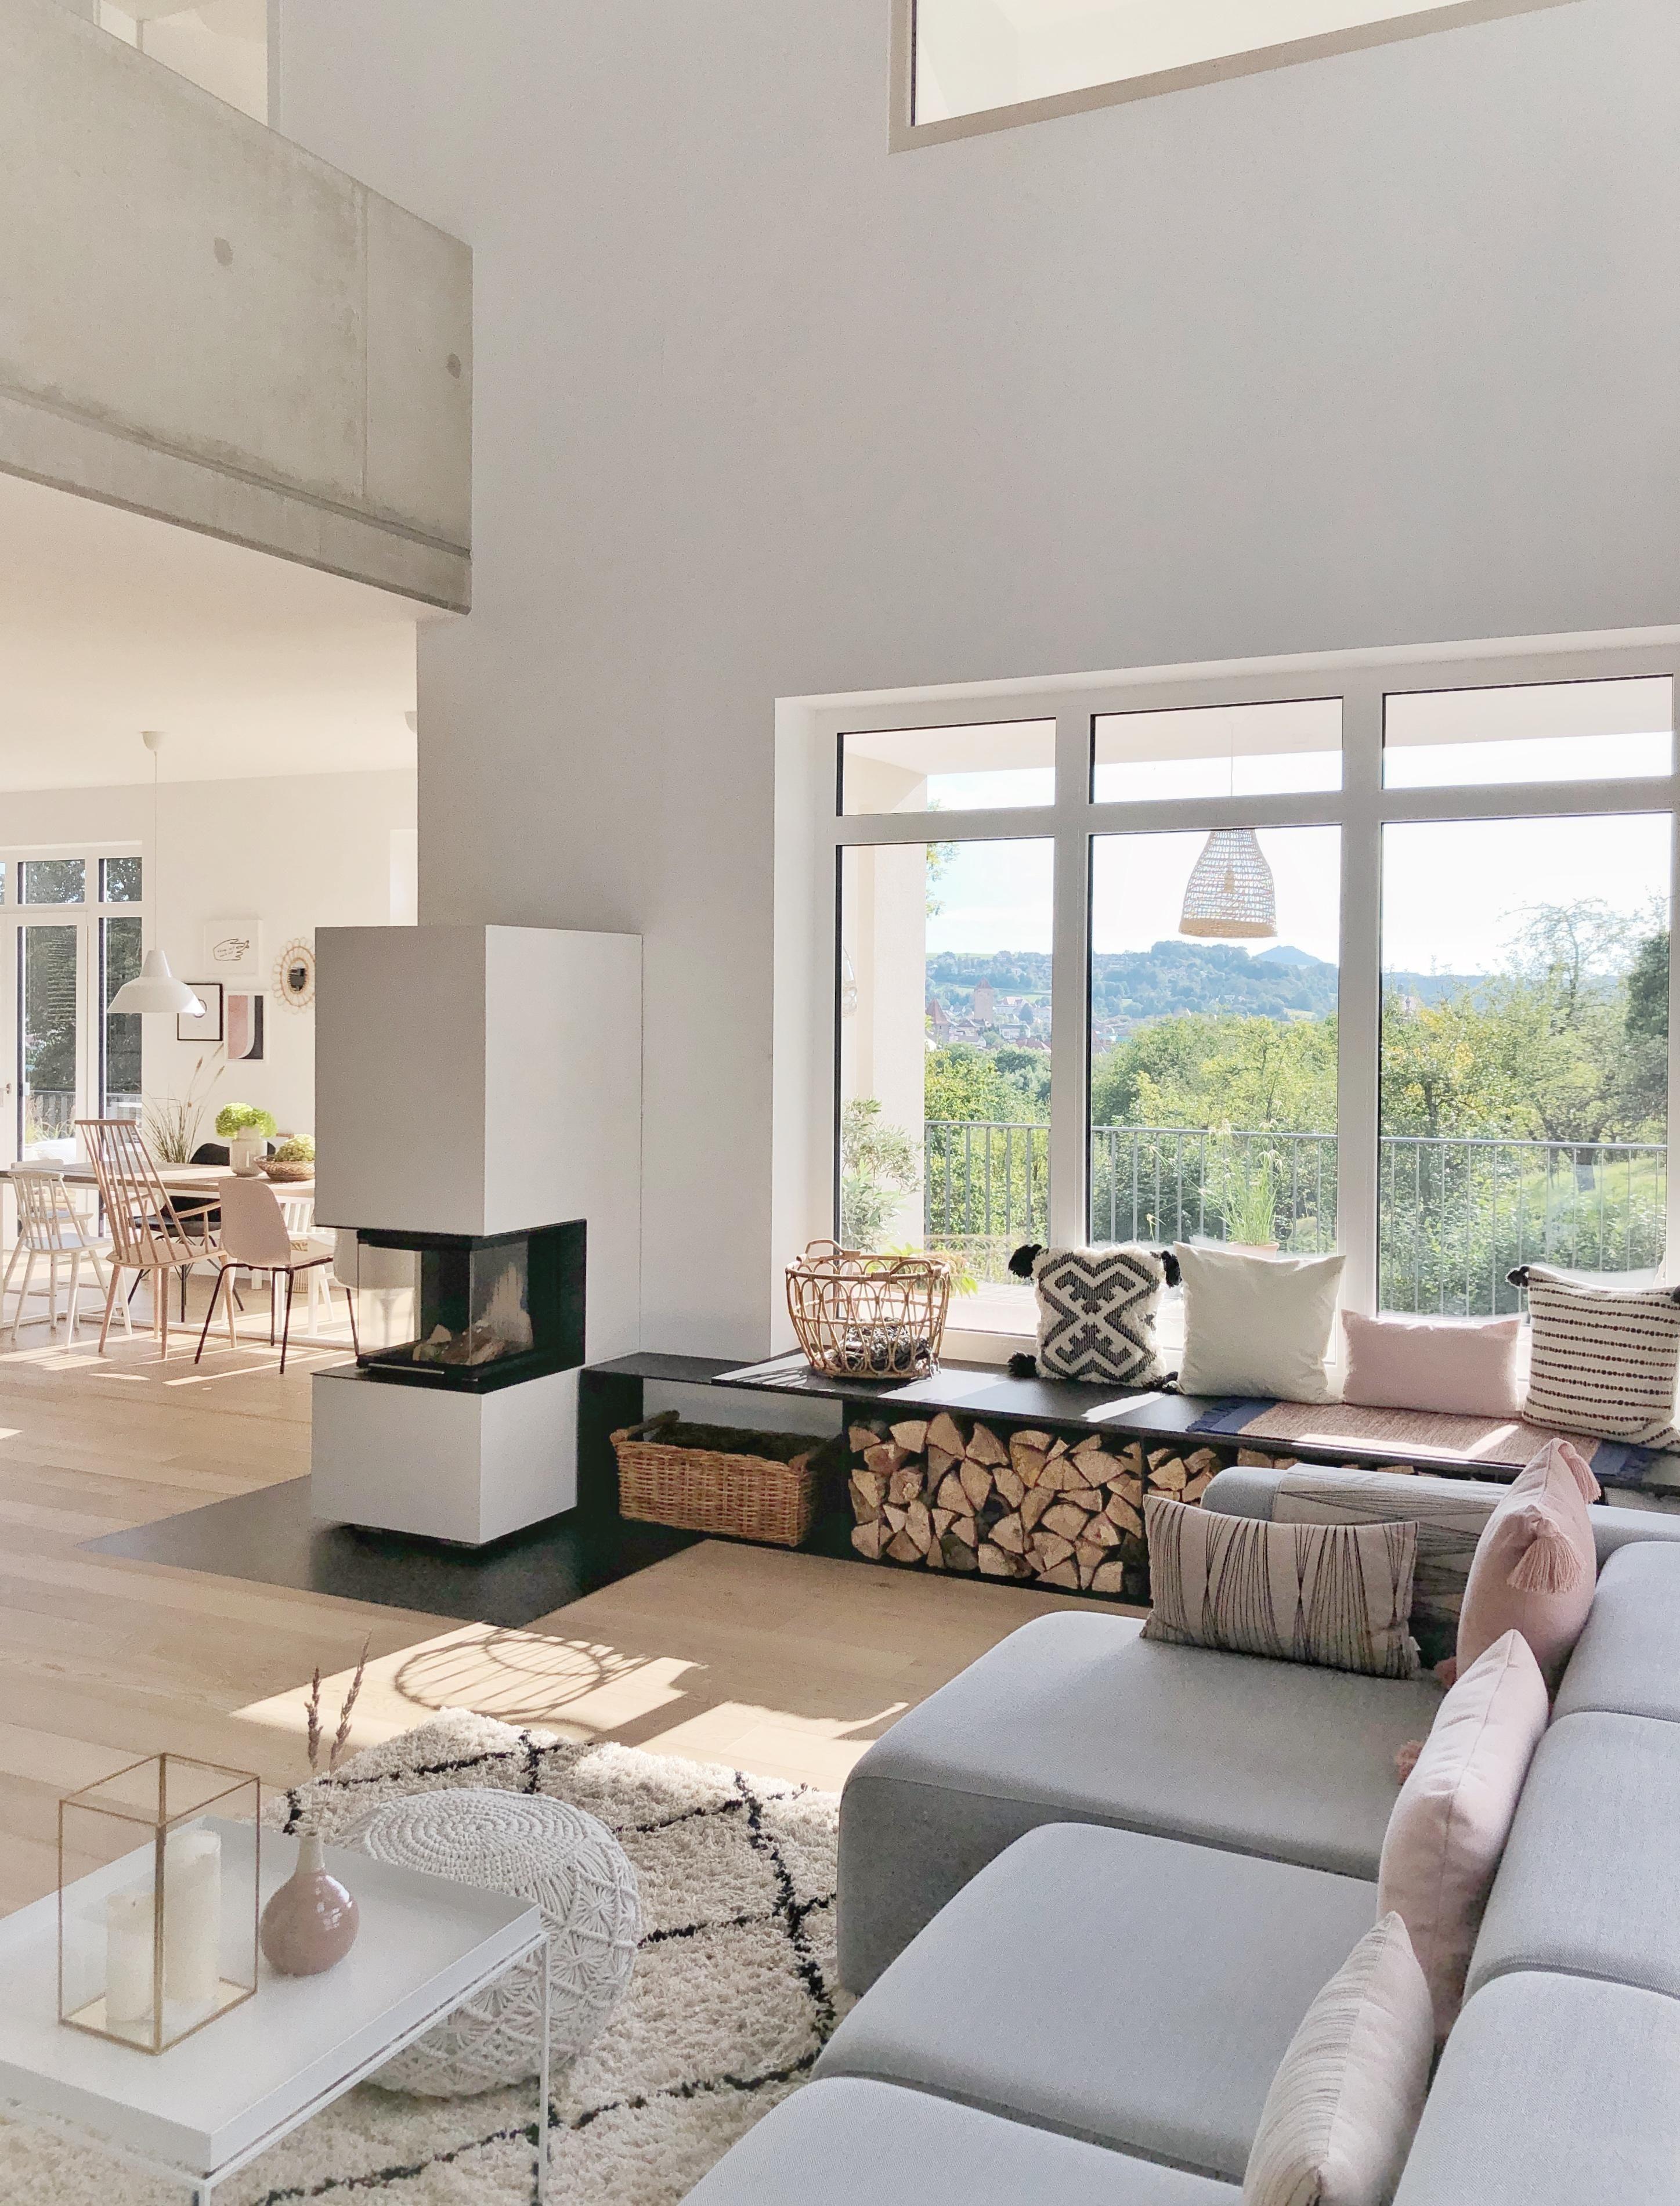 Spatsommerliche Sonne Im Haus Wohnzimmer Sitzbank In 2020 Wohnzimmer Ideen Wohnung Innenarchitektur Wohnzimmer Wohnen